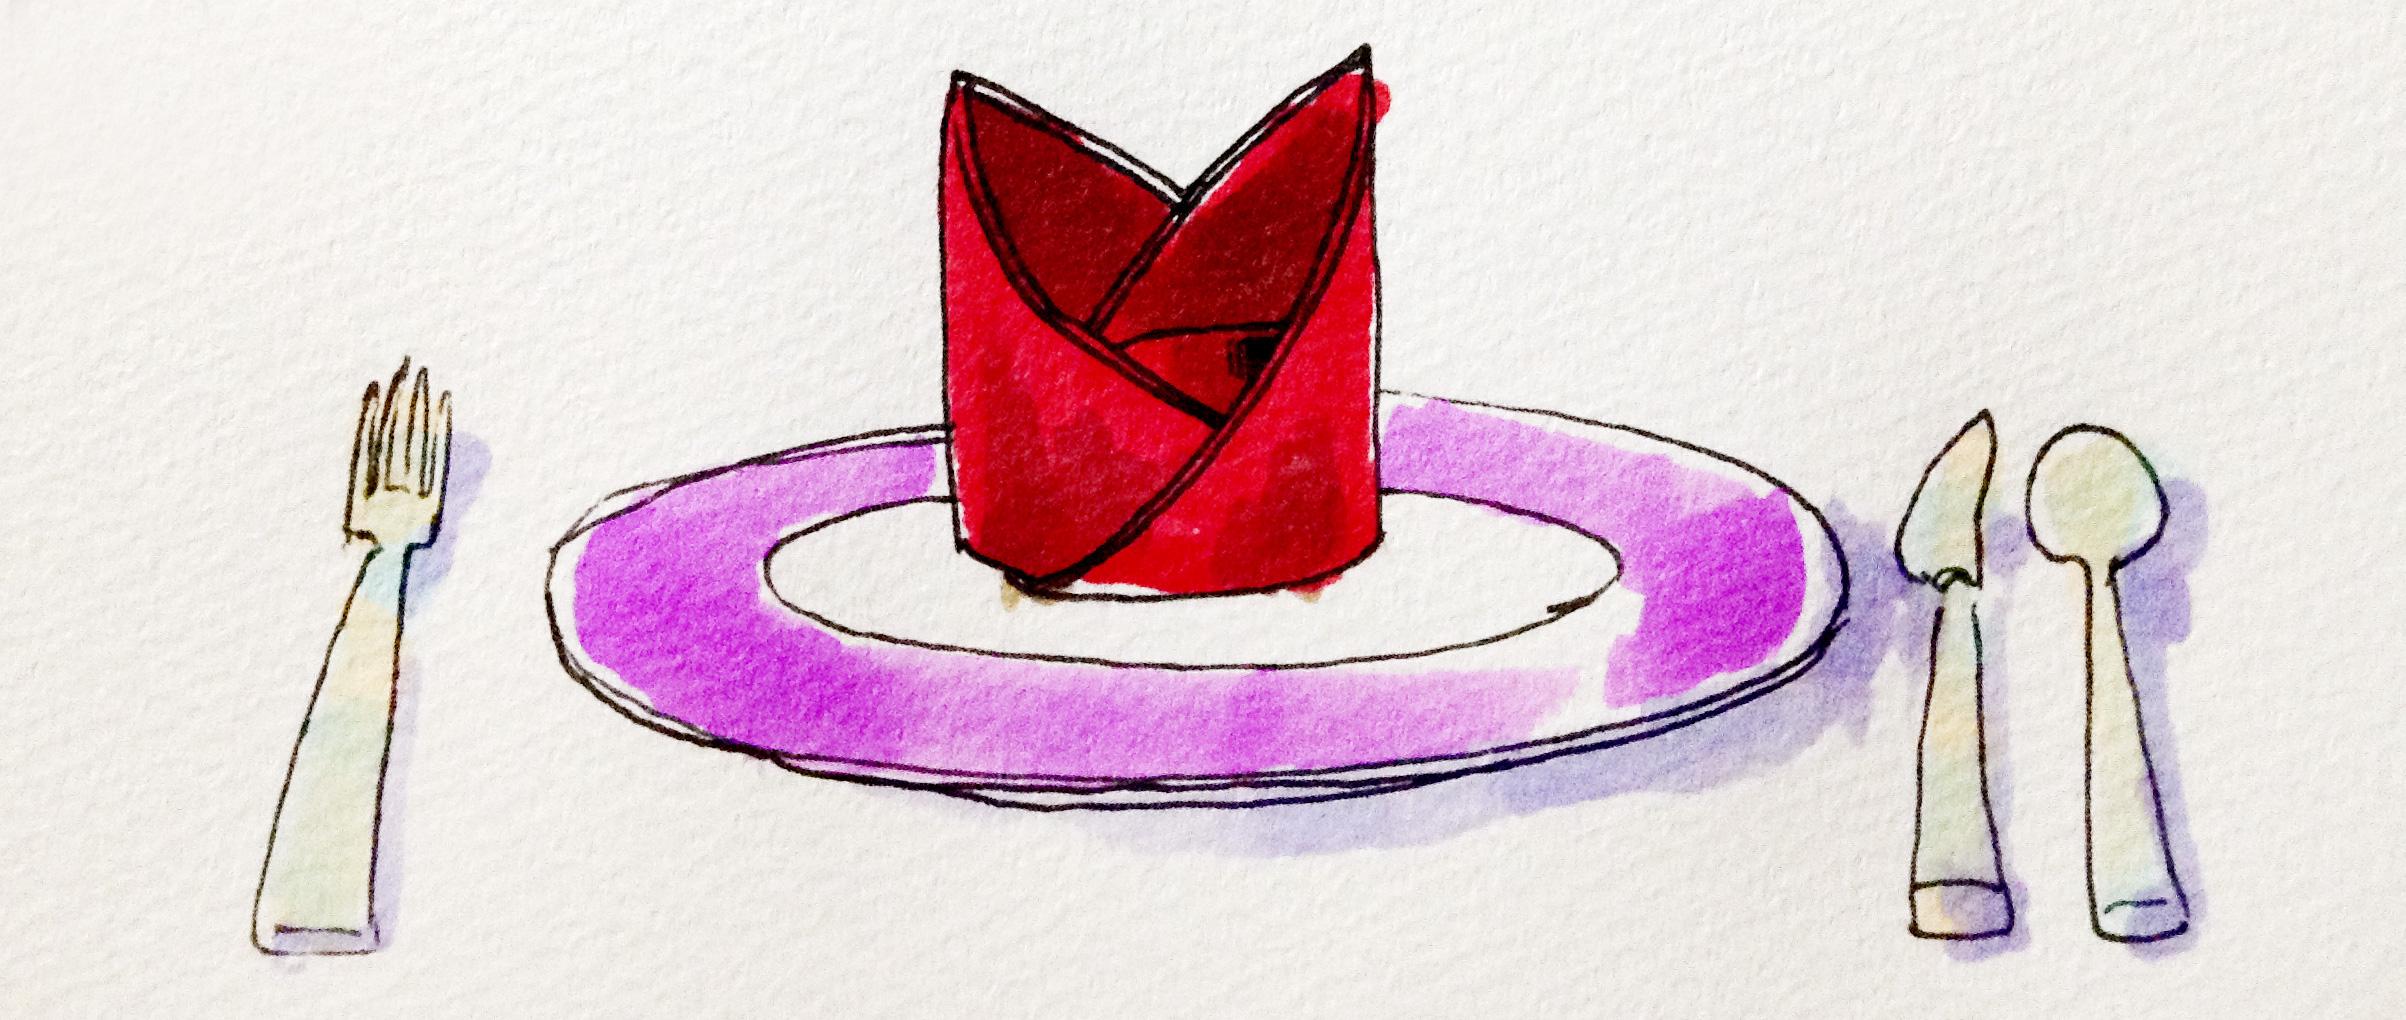 テーブルマナーやテーブルコーディネートのイメージをコピックマーカーで描いたイラスト